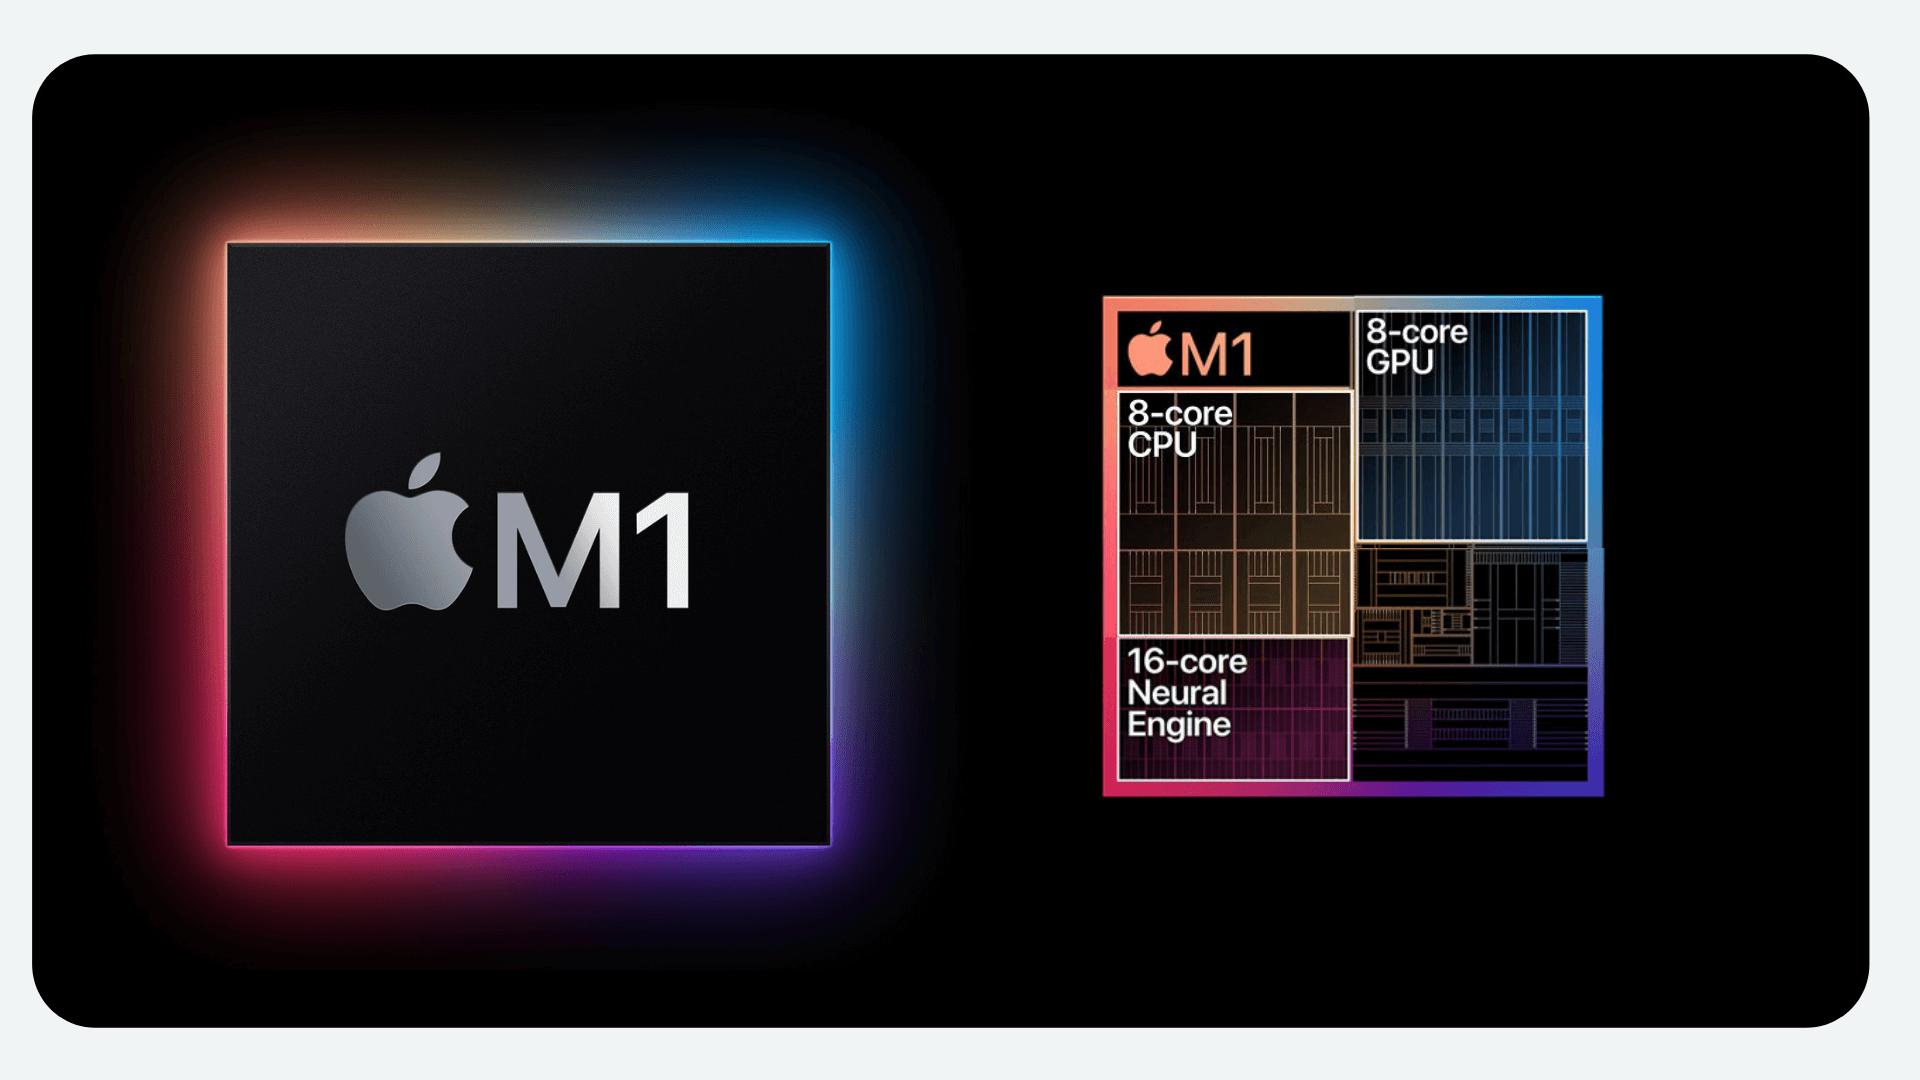 puce_M1_Apple_evolution_technologique